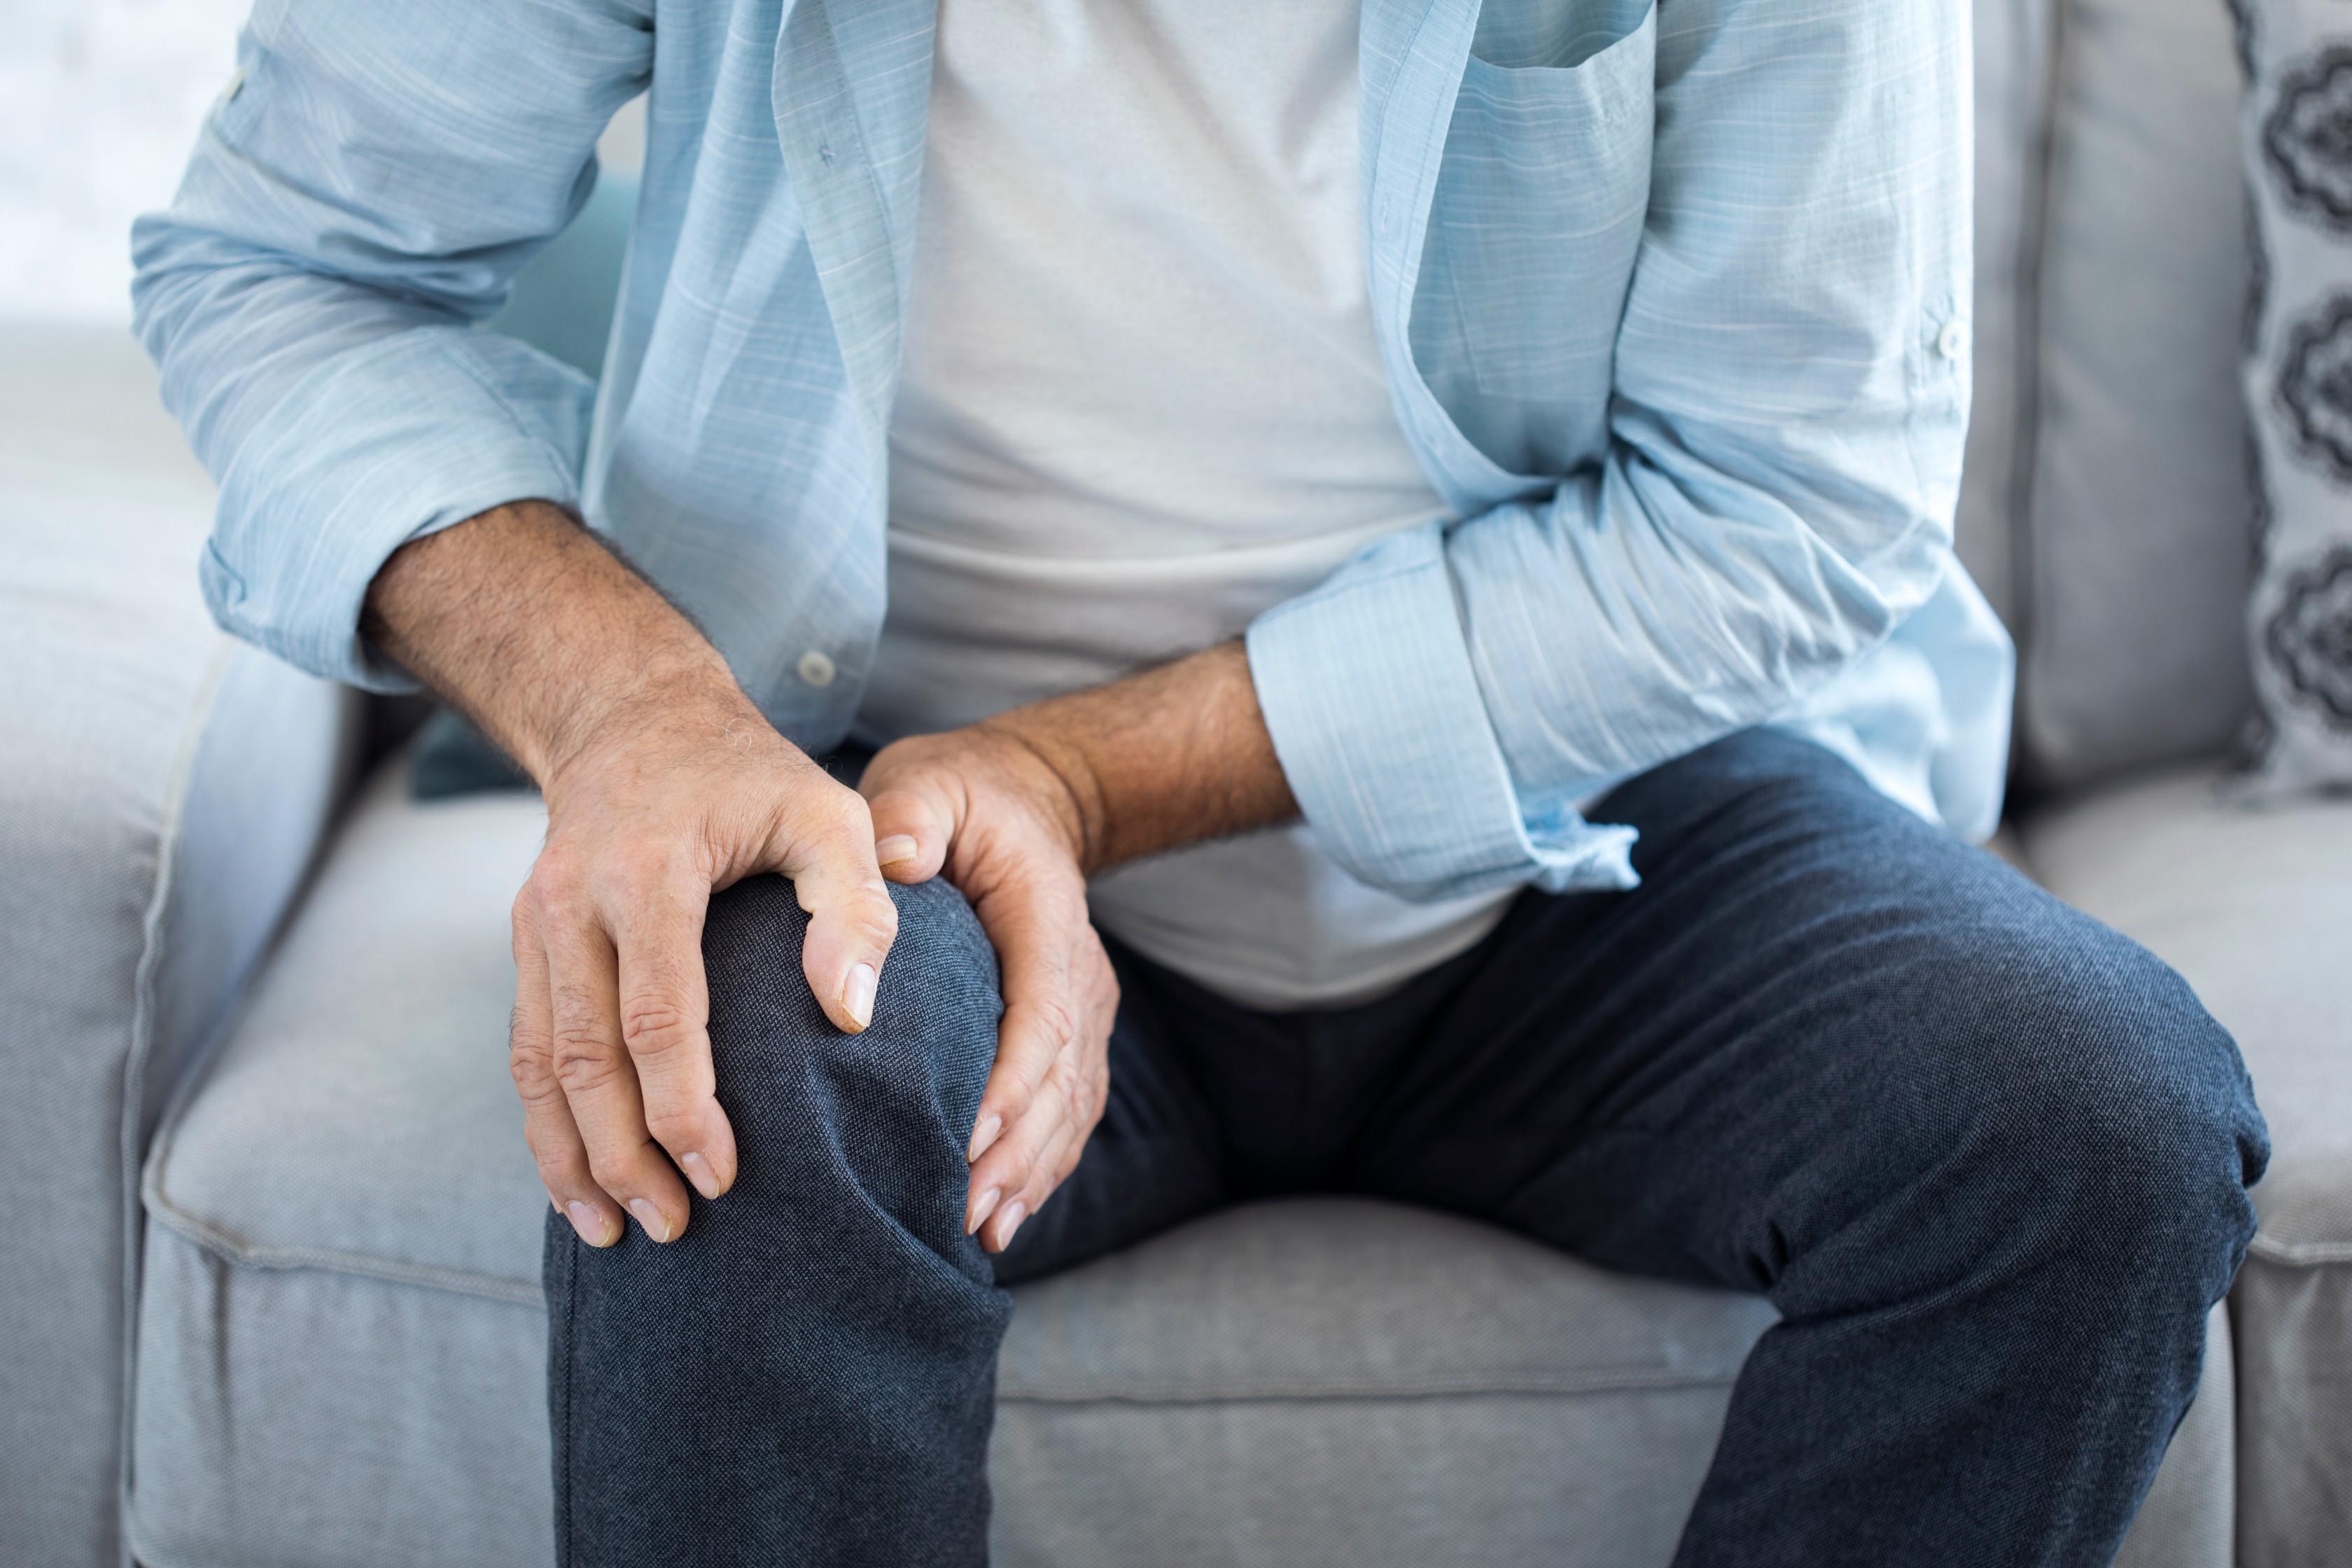 káliumhiány és ízületi fájdalom milyen tablettákat vegyen a térdízületi gyulladás esetén